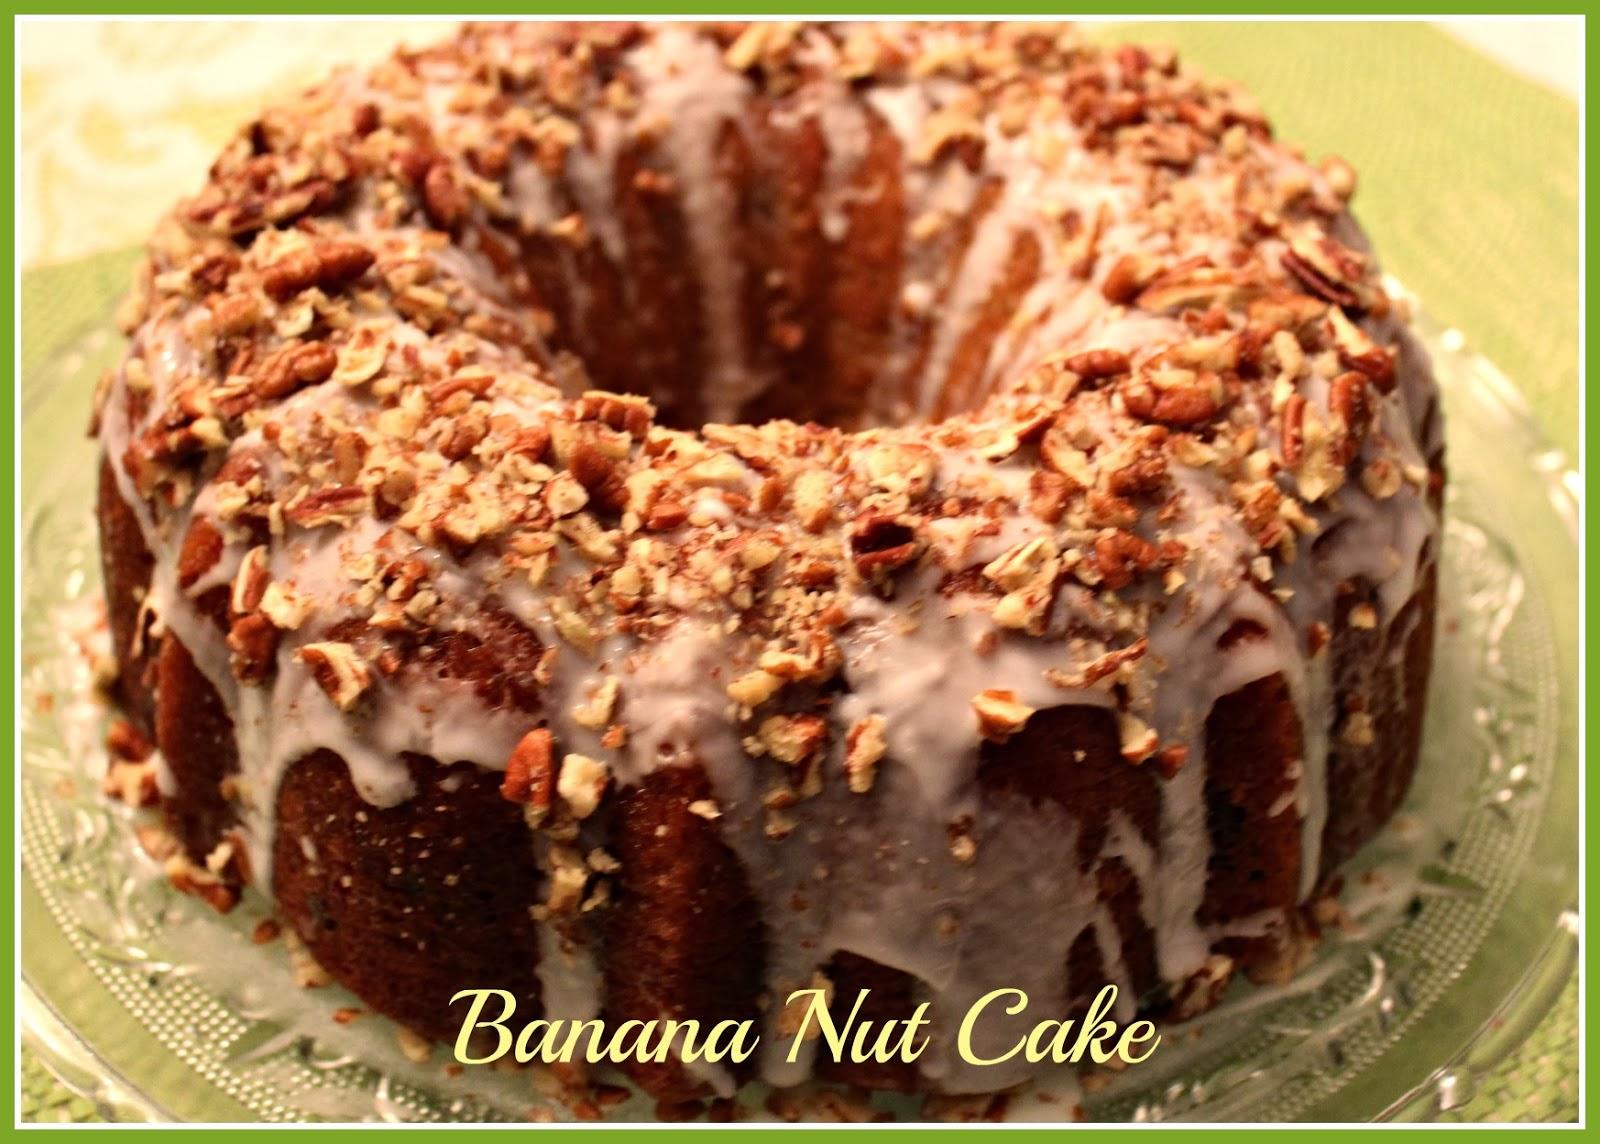 Banana Nut Cake From Mix